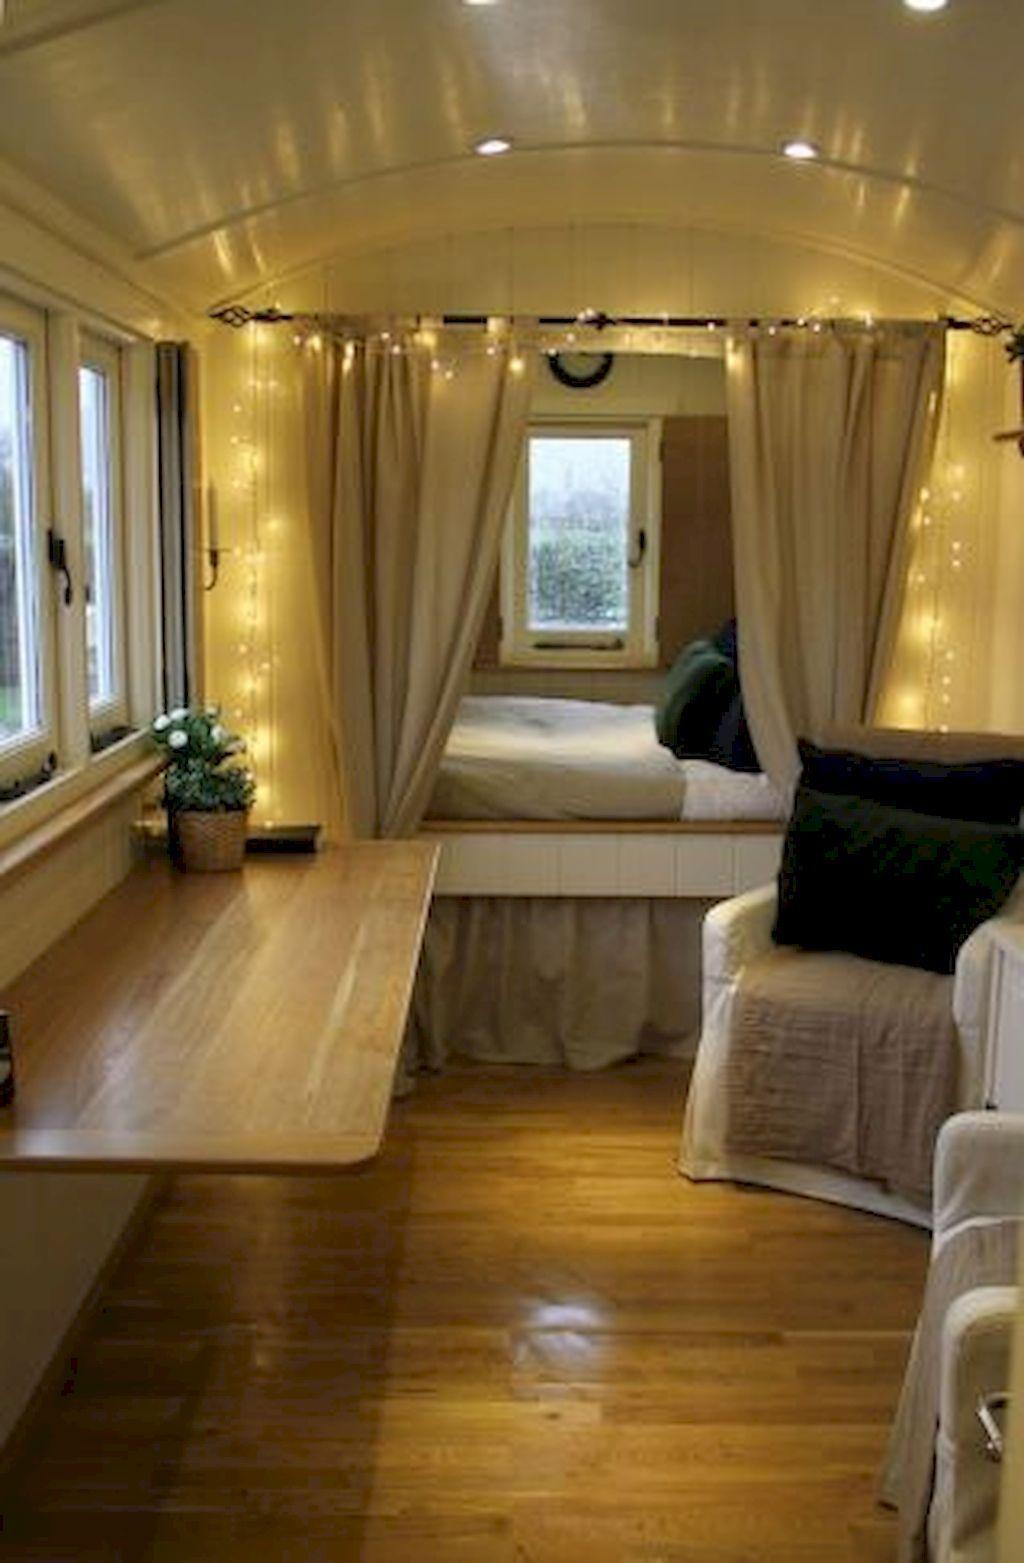 Adorable 65 Genius RVs and Camper Interior Design Ideas https ...